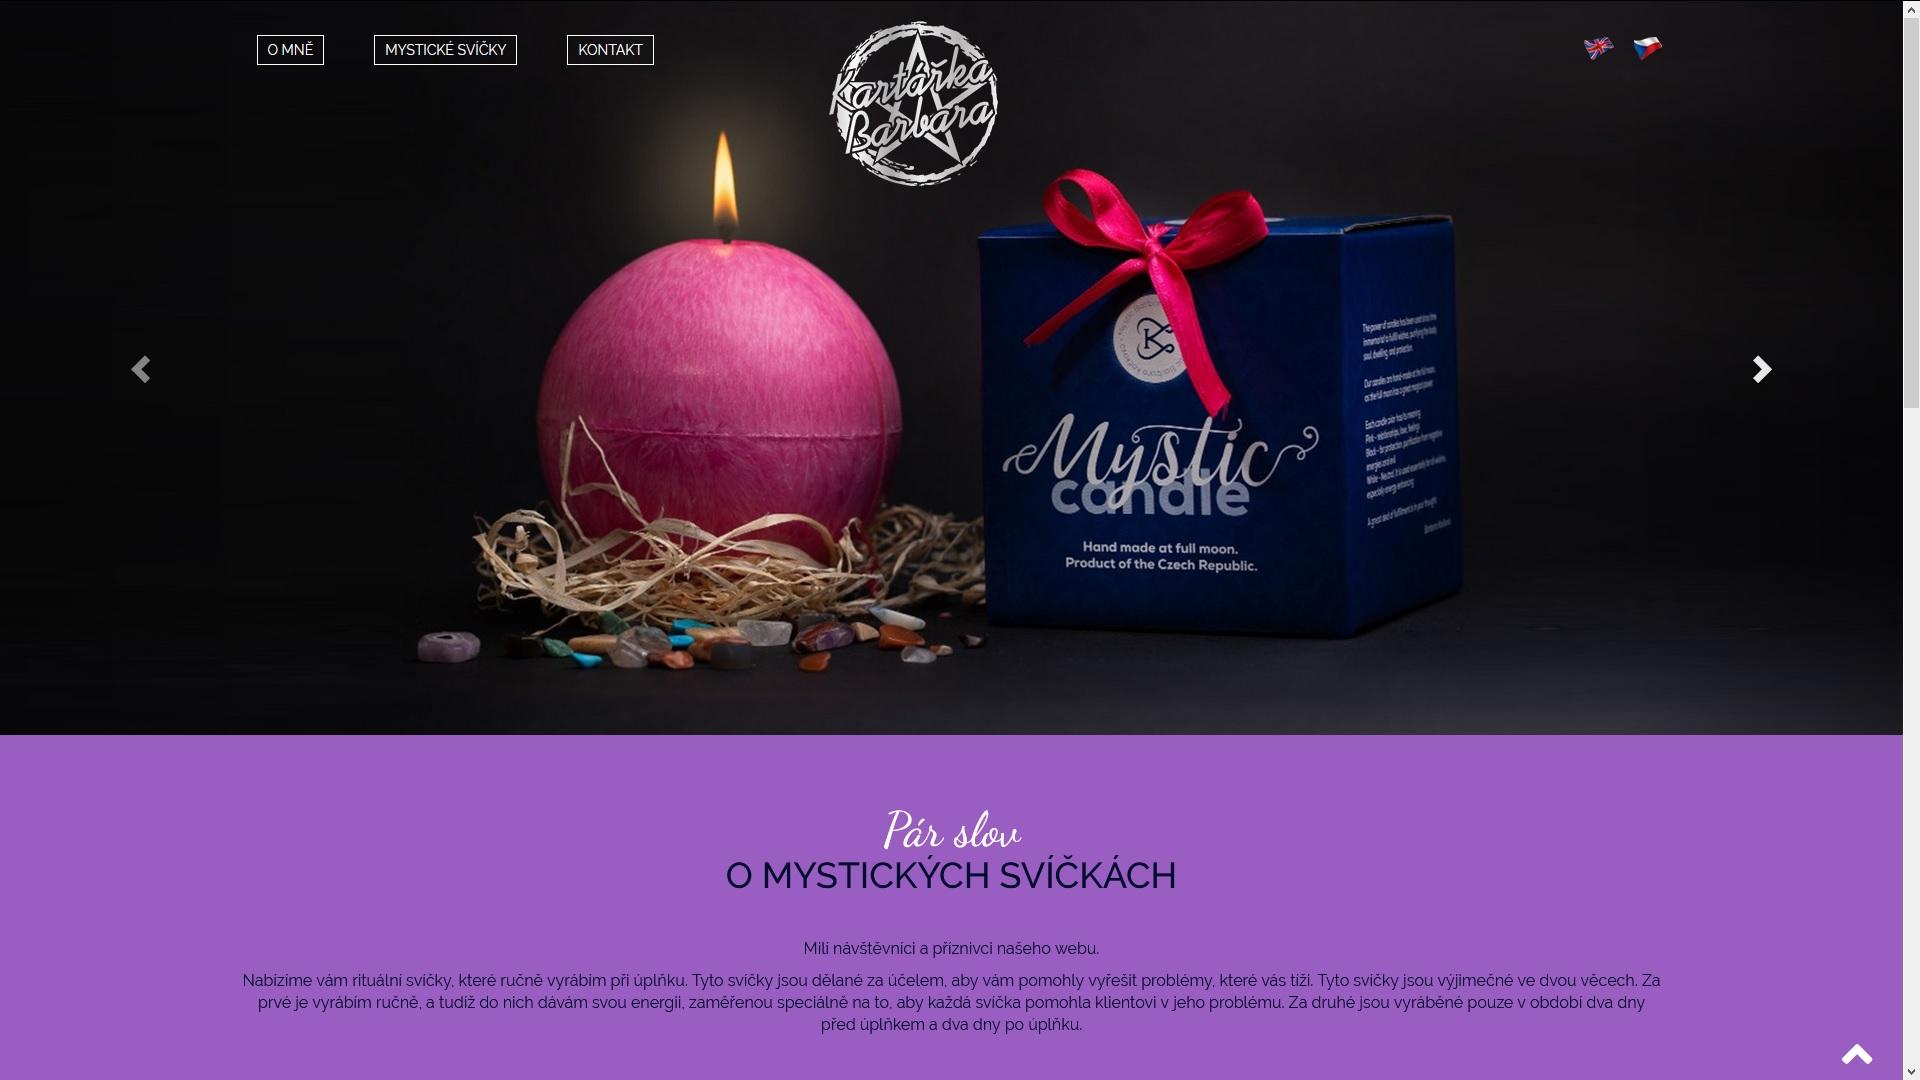 Mystické svíčky - rituální svíčky